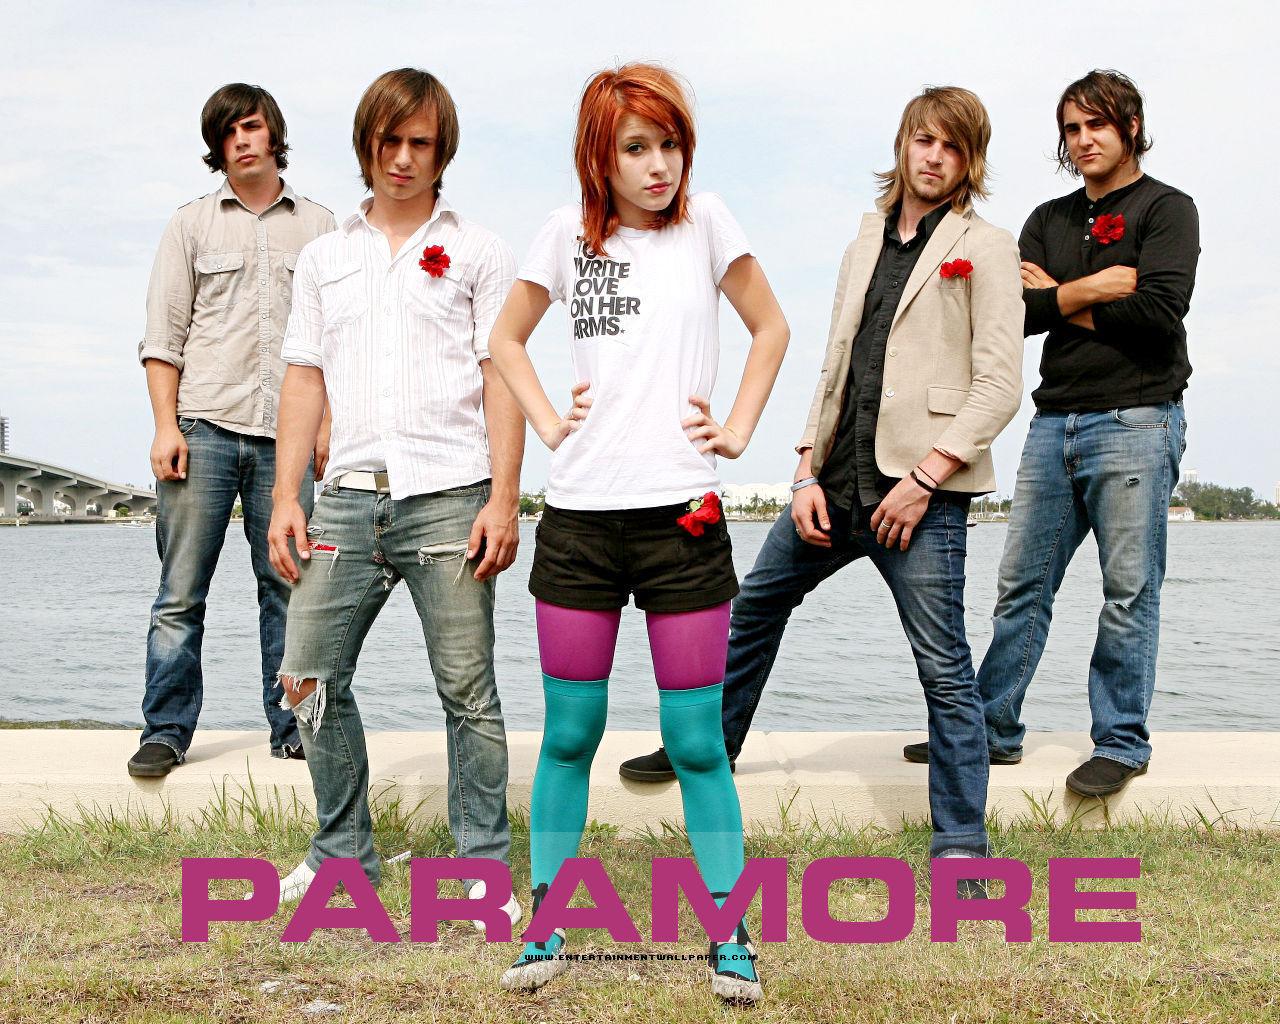 -Paramore♥ - Paramore Wallpaper (6446784) - Fanpop Paramore